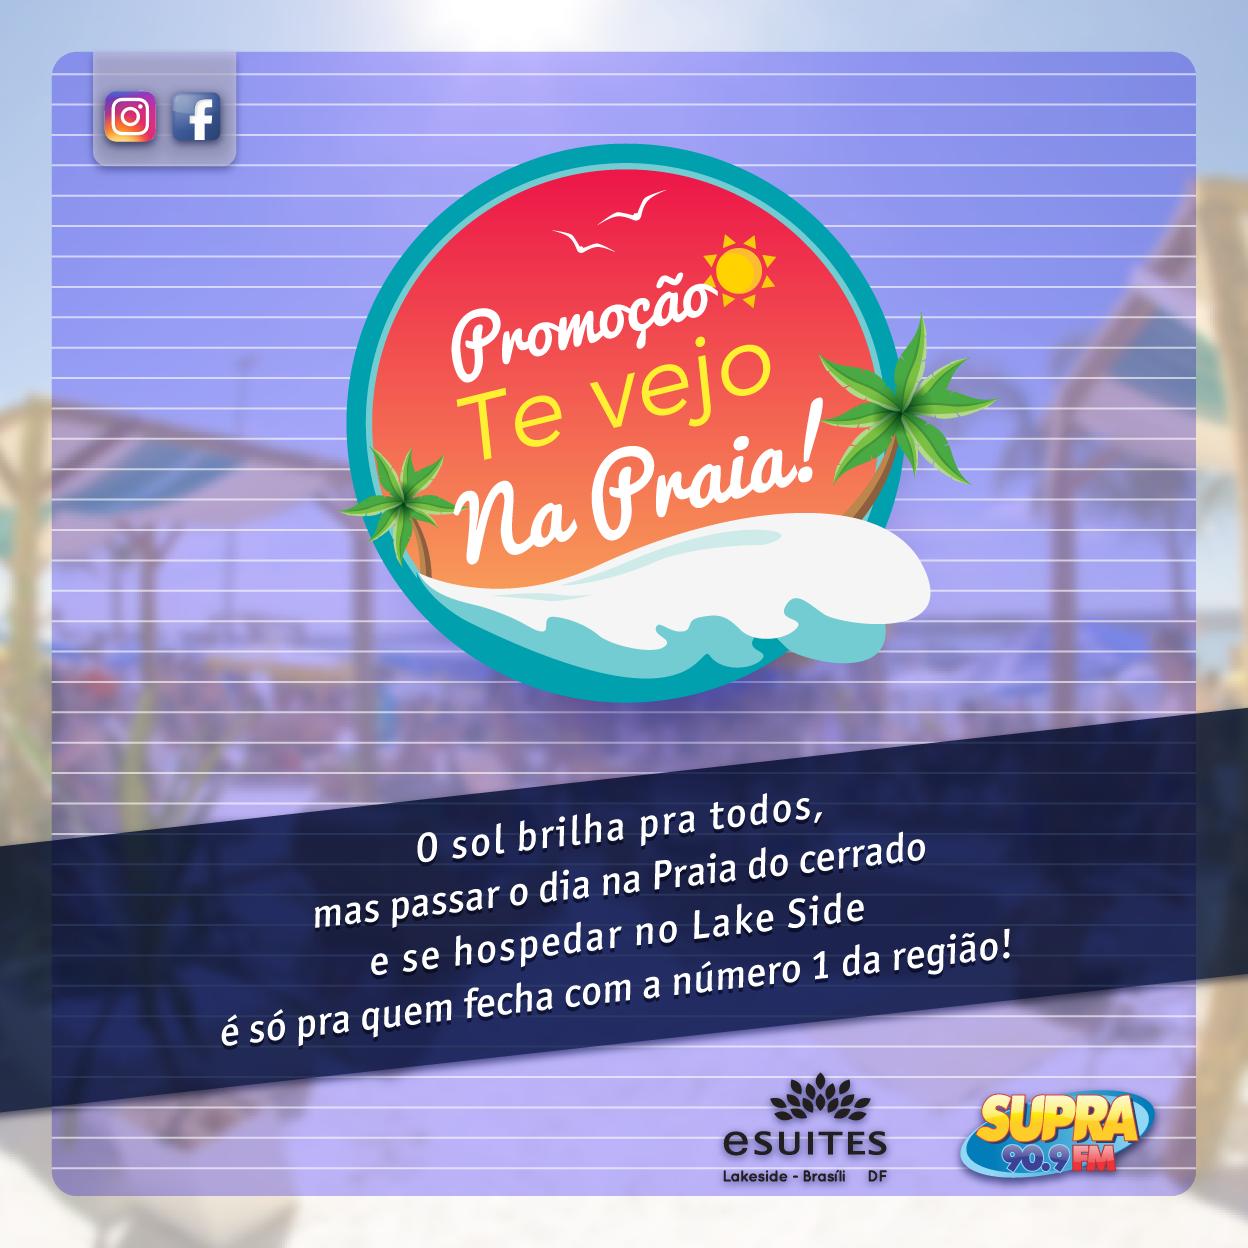 Promoção Supra FM - Na Praia